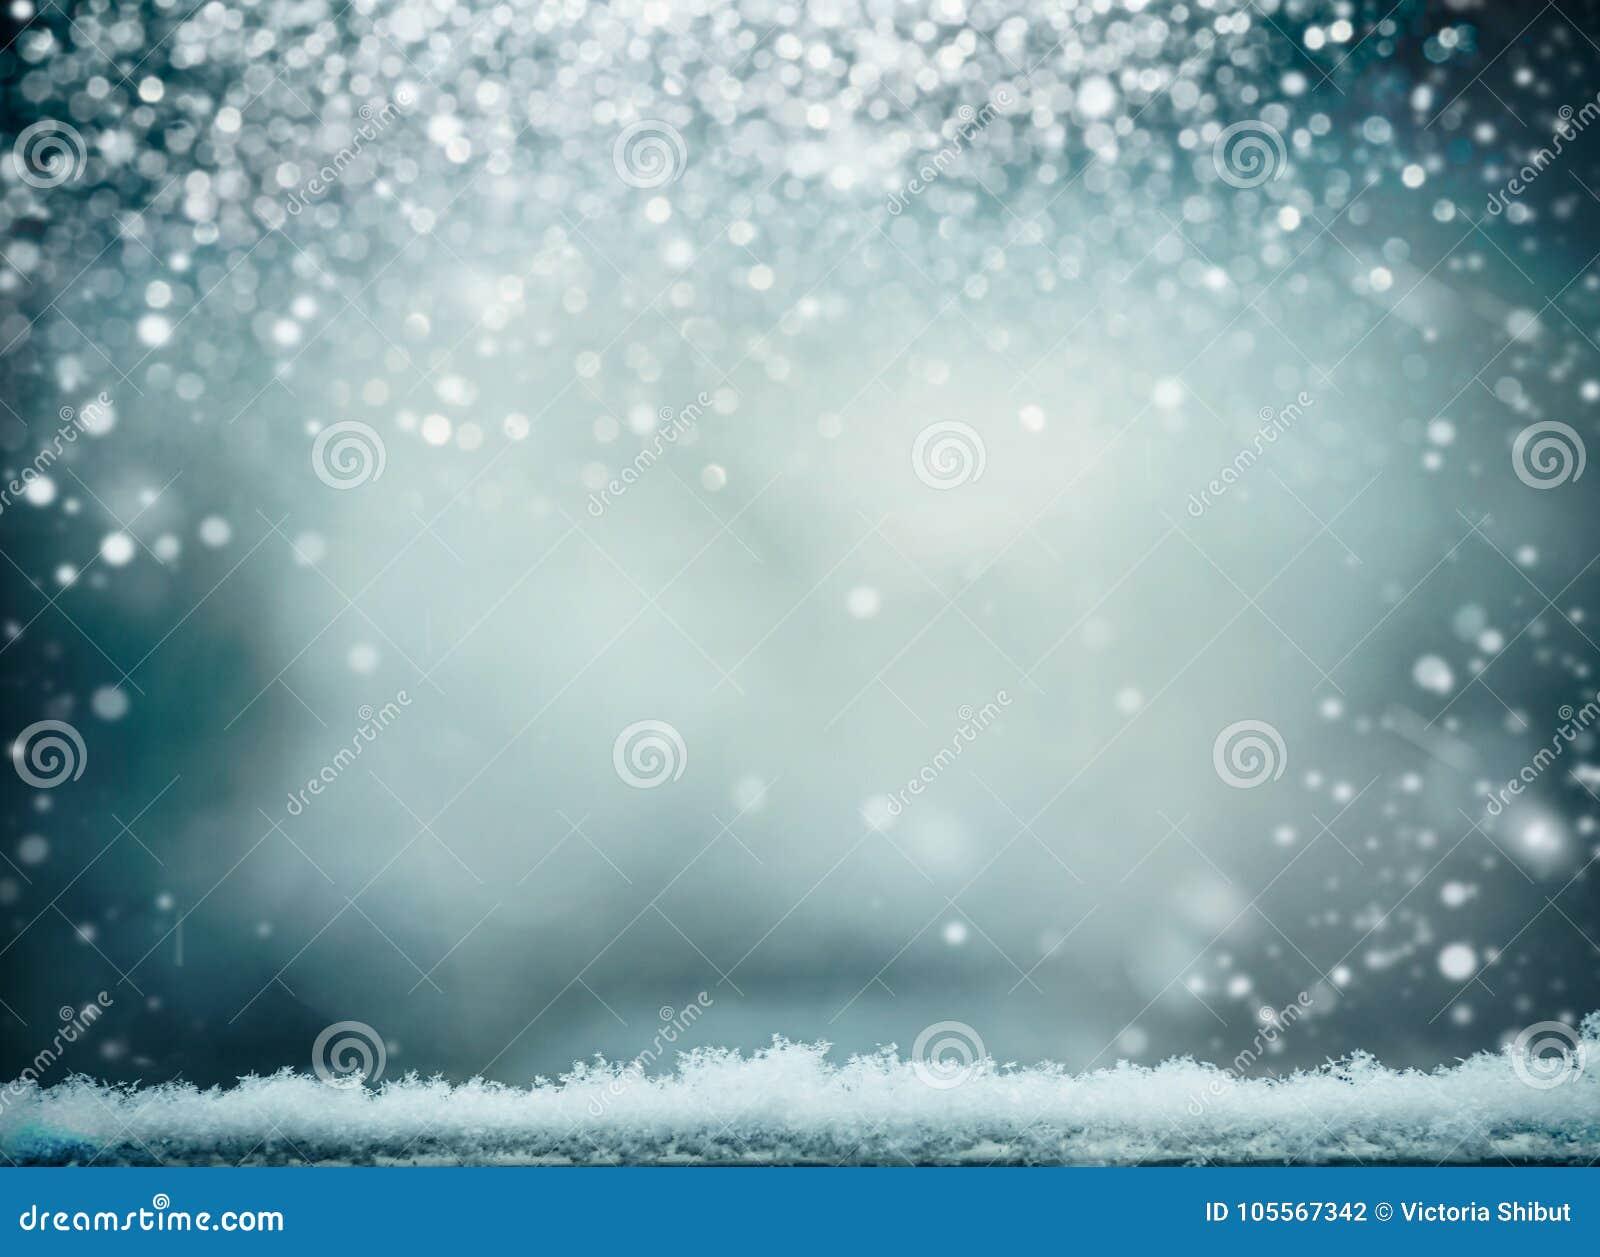 Θαυμάσιο χειμερινό υπόβαθρο με το χιόνι Χειμερινές διακοπές και Χριστούγεννα